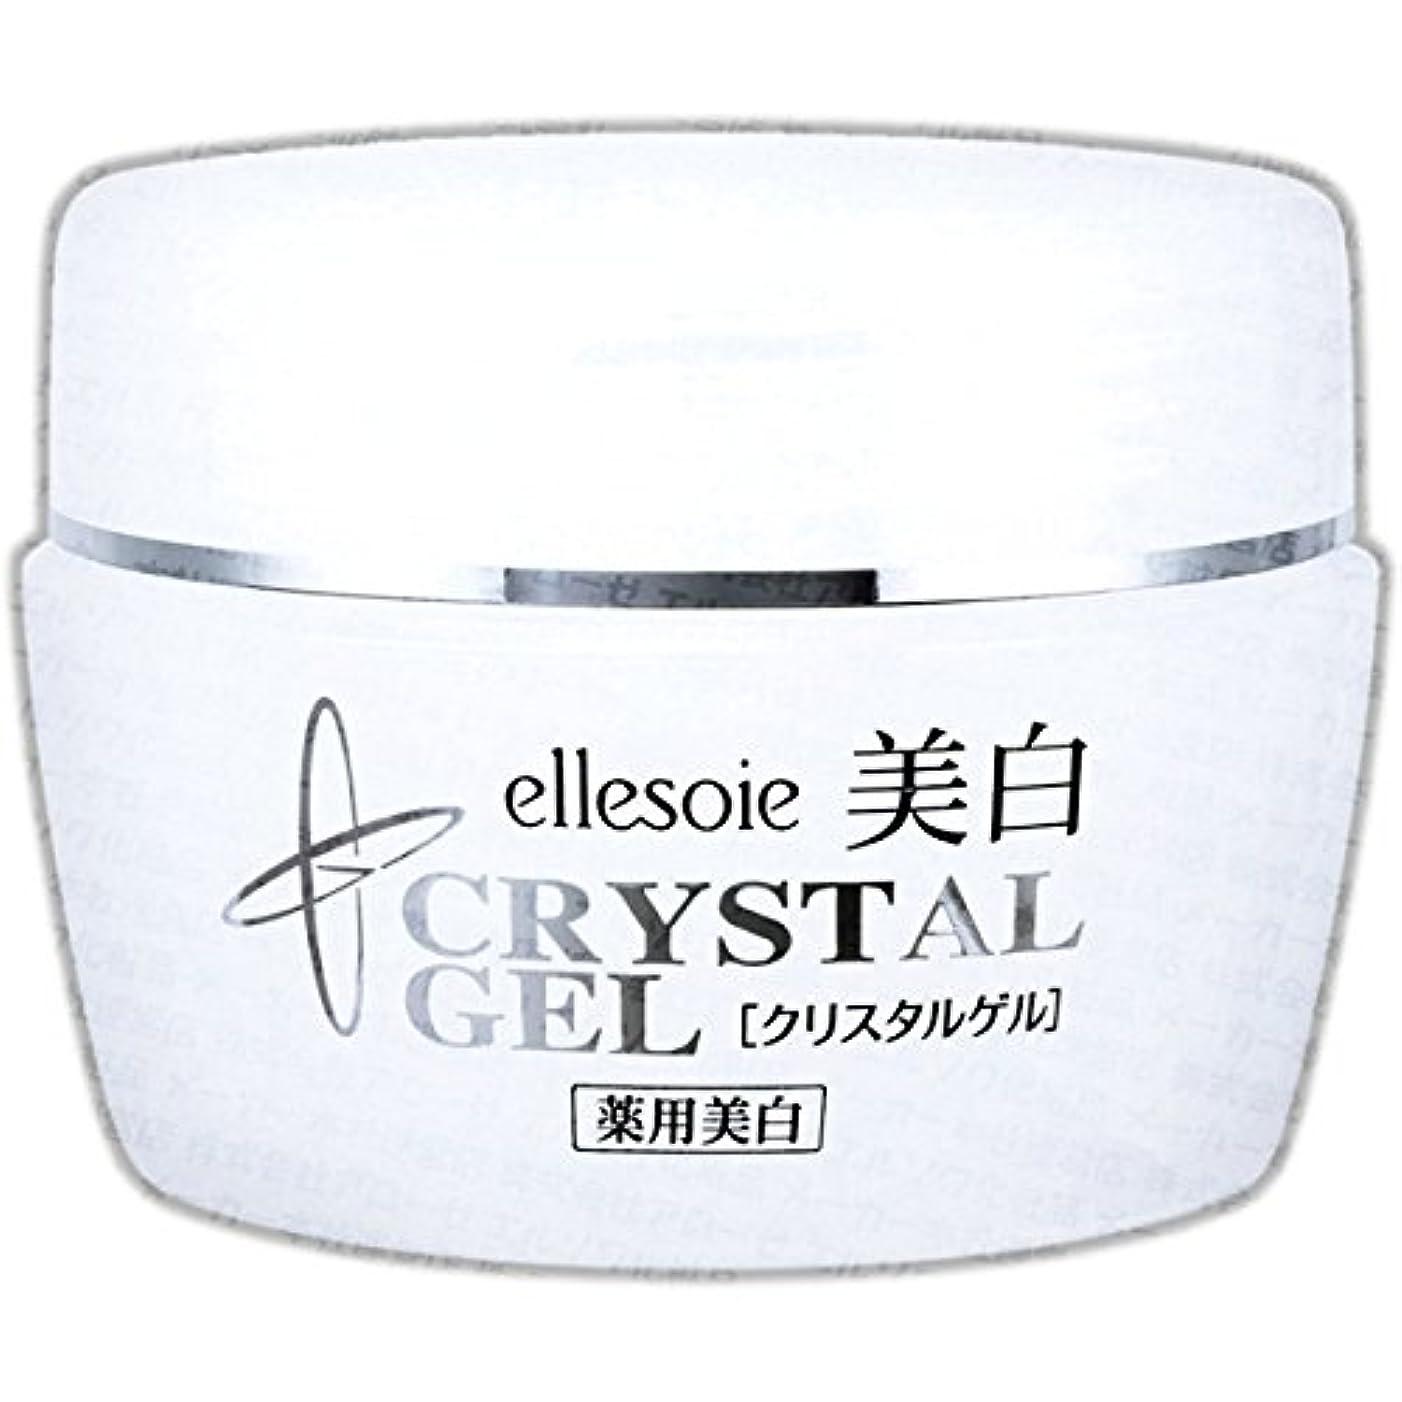 一貫性のない水陸両用キャベツエルソワ化粧品(ellesoie) クリスタルゲルS 本体120g 薬用美白オールインワン